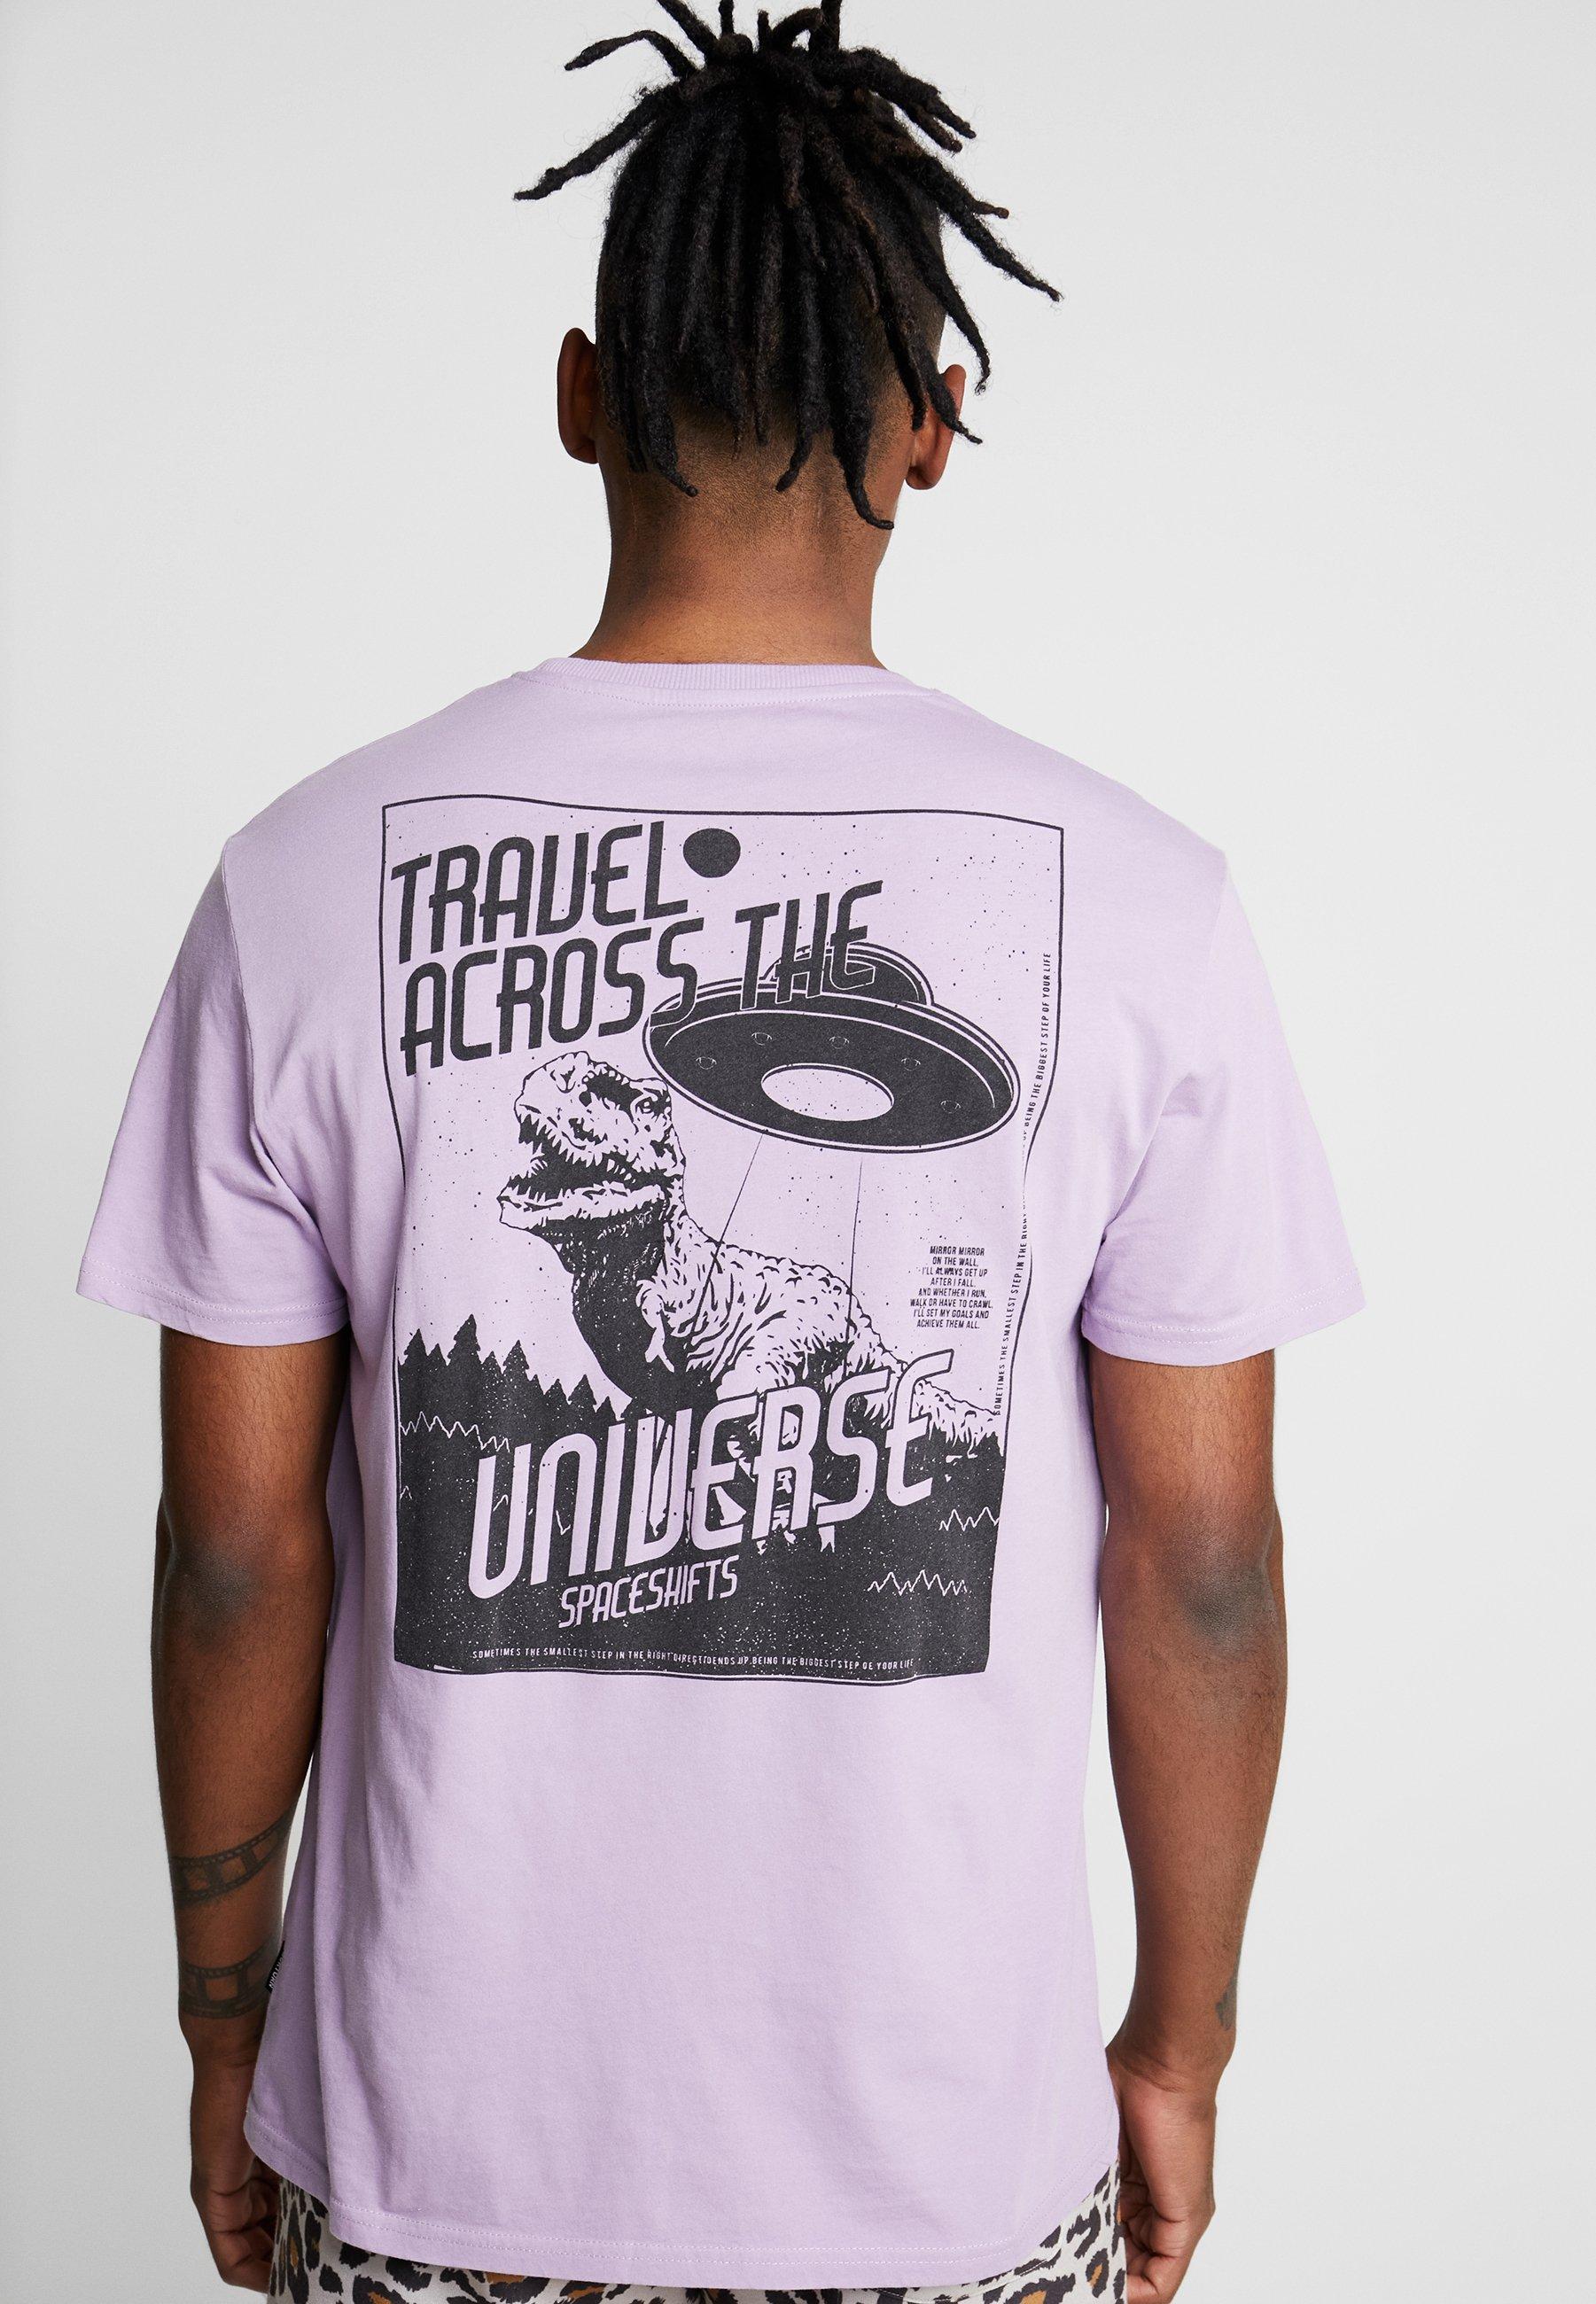 ImpriméPurple T Yourturn Yourturn ImpriméPurple shirt shirt shirt ImpriméPurple T Yourturn T T Yourturn l1TK3JcF